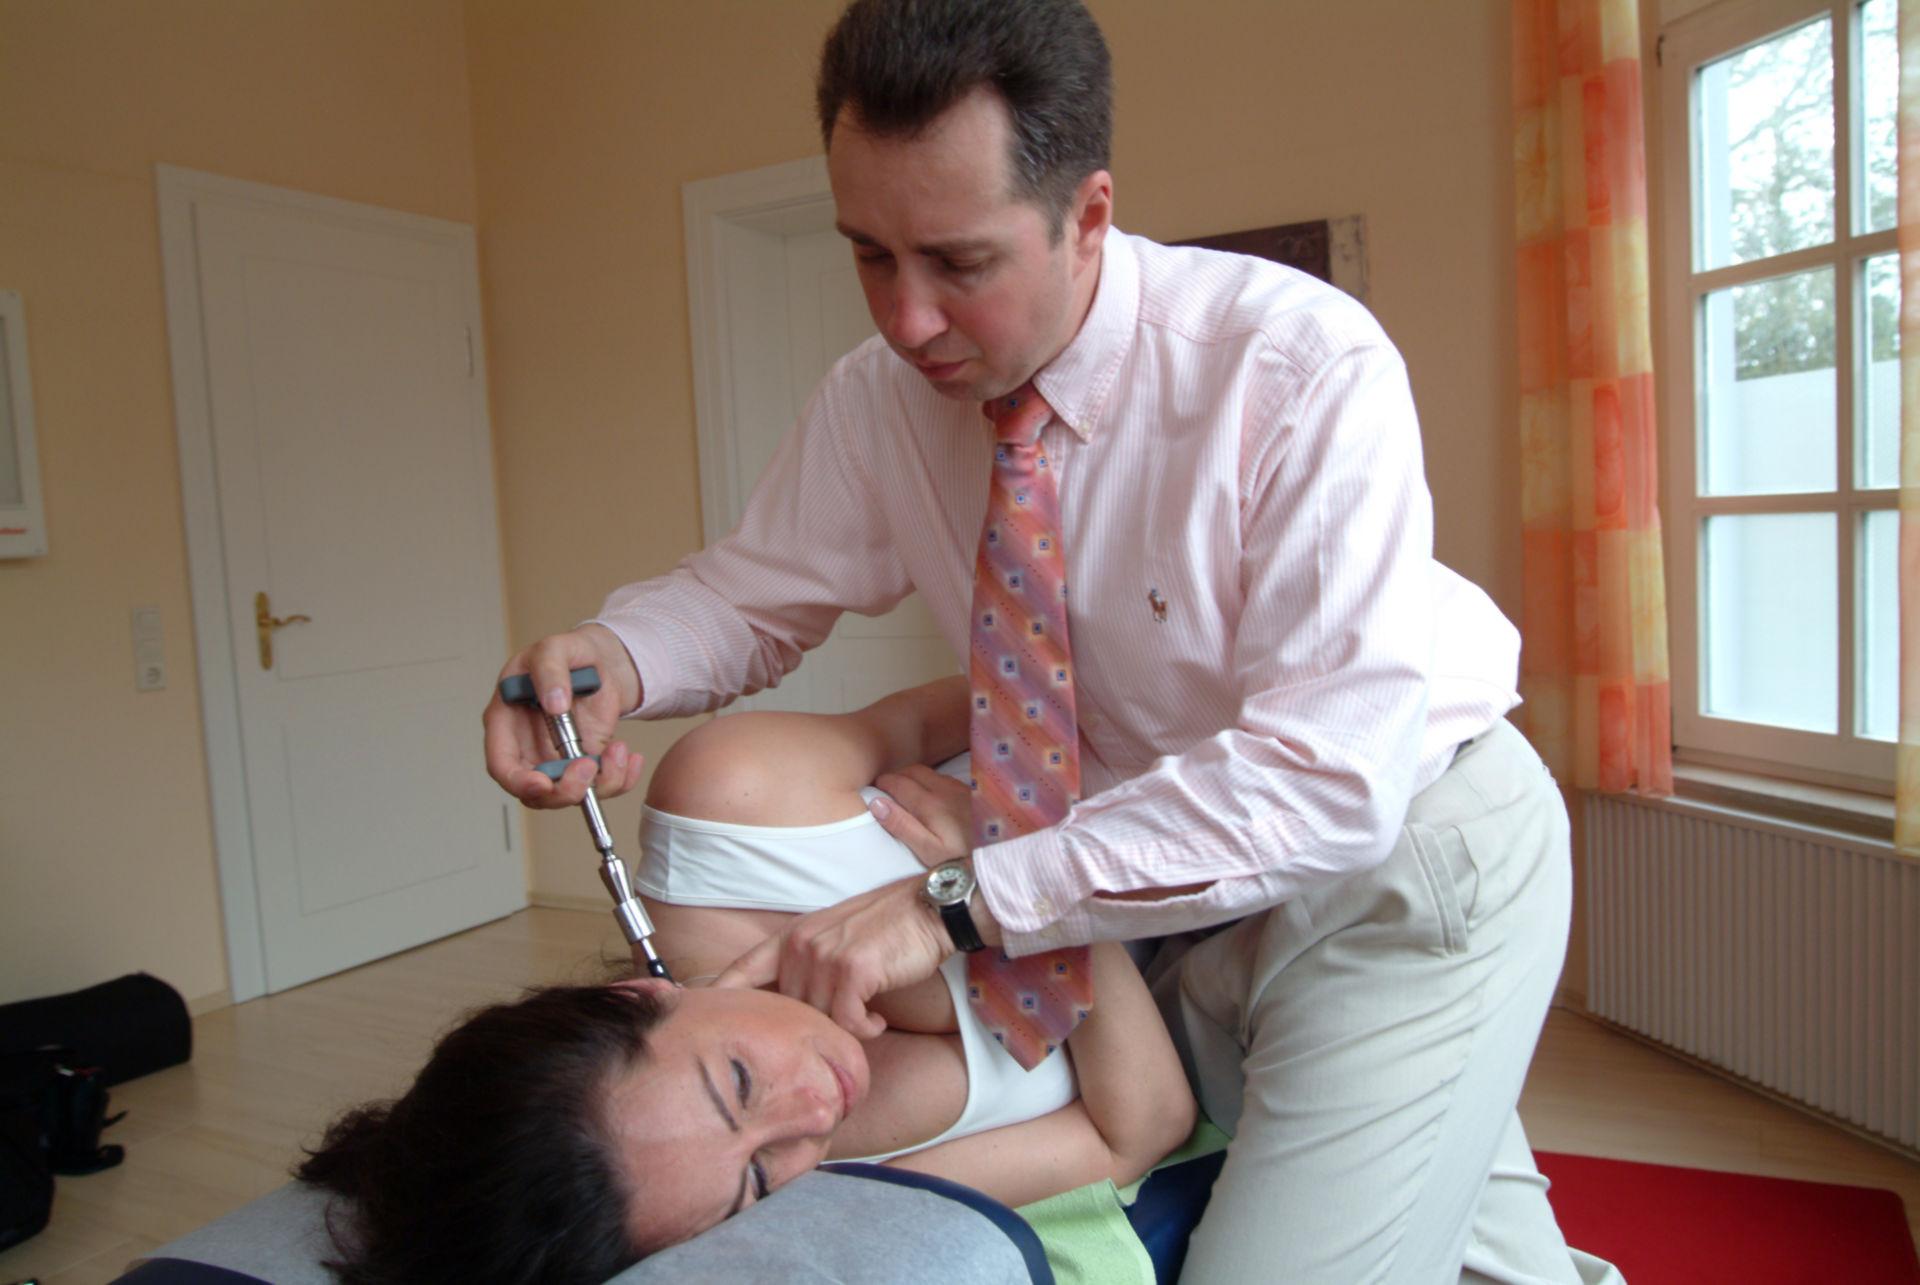 Chiropraktiker behandelt Halswirbel